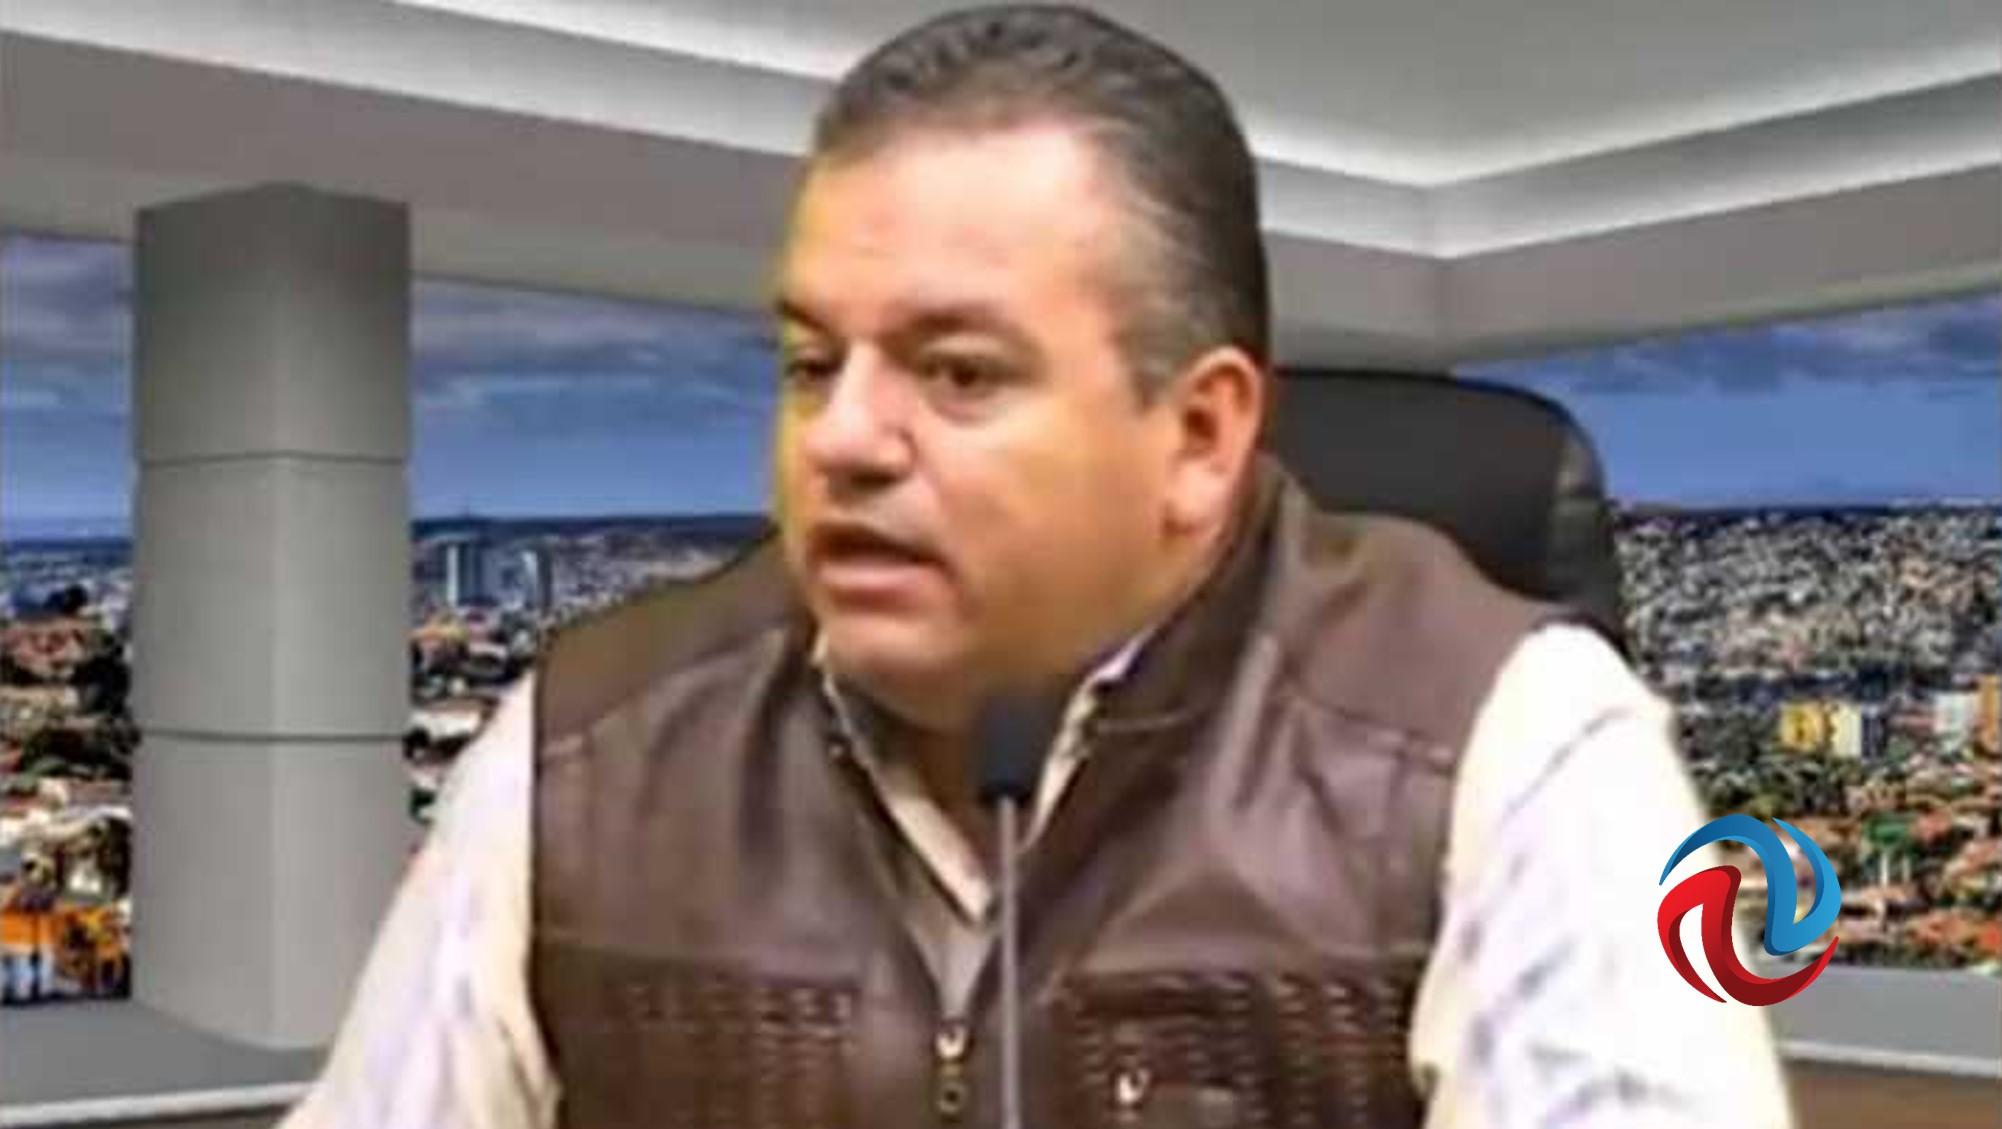 La CNDH, ONU y OCNF condenan represión en Cancún y urgen investigación